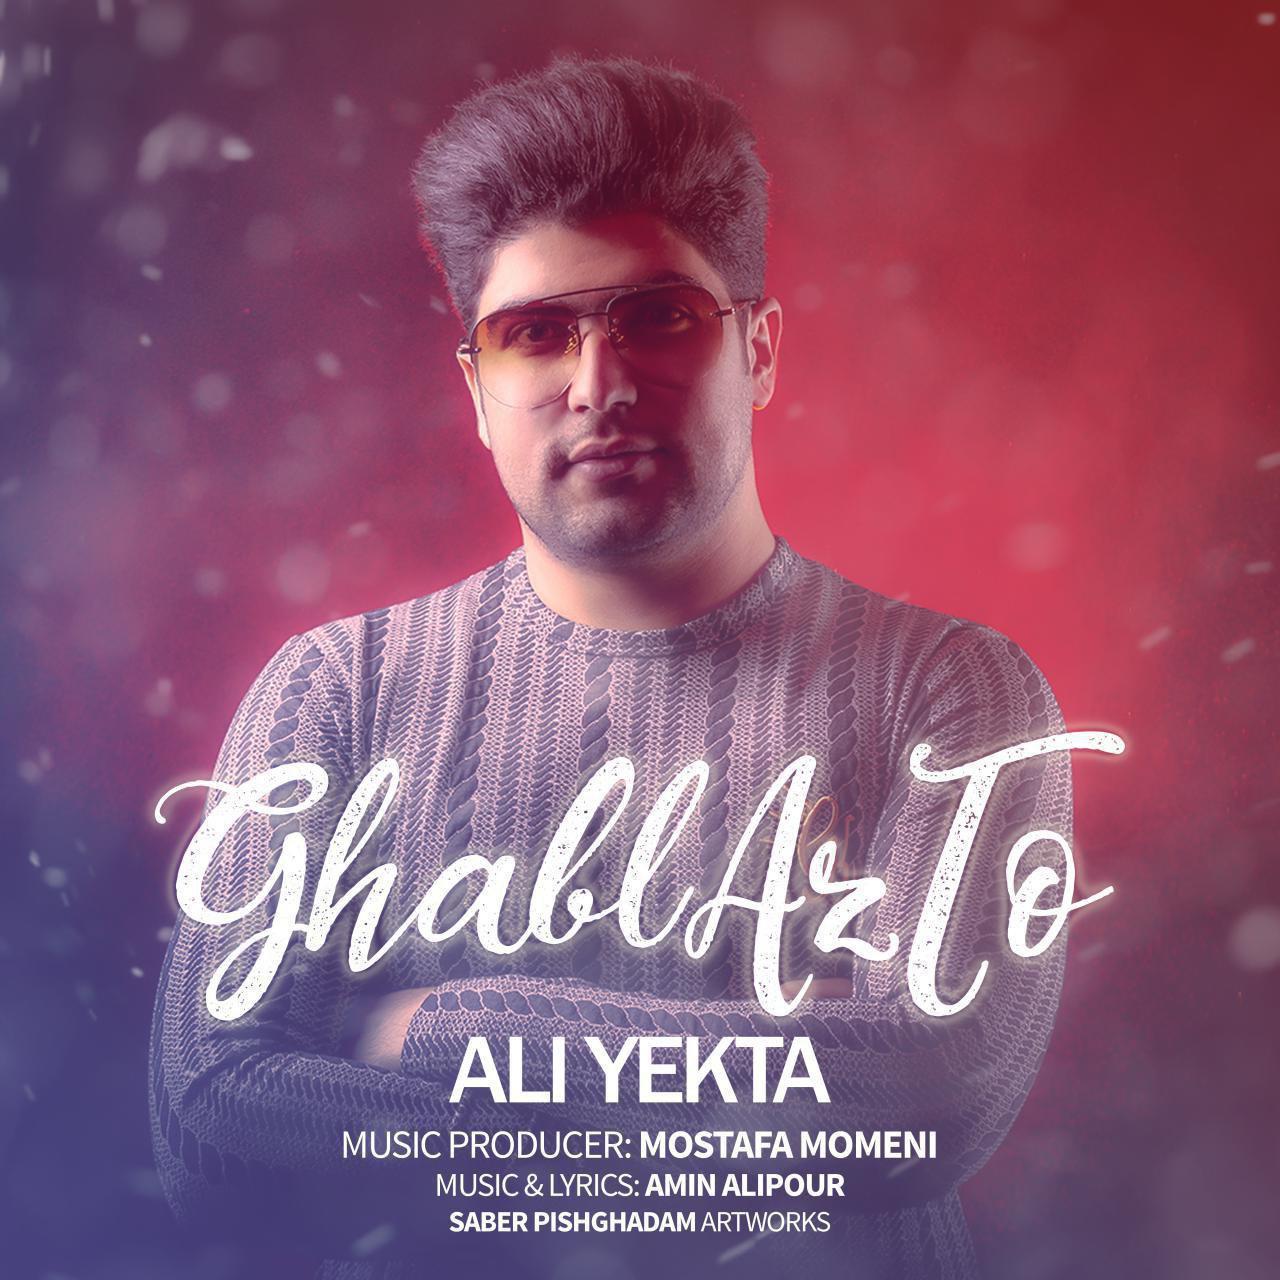 Ali Yekta – Ghabl Az To